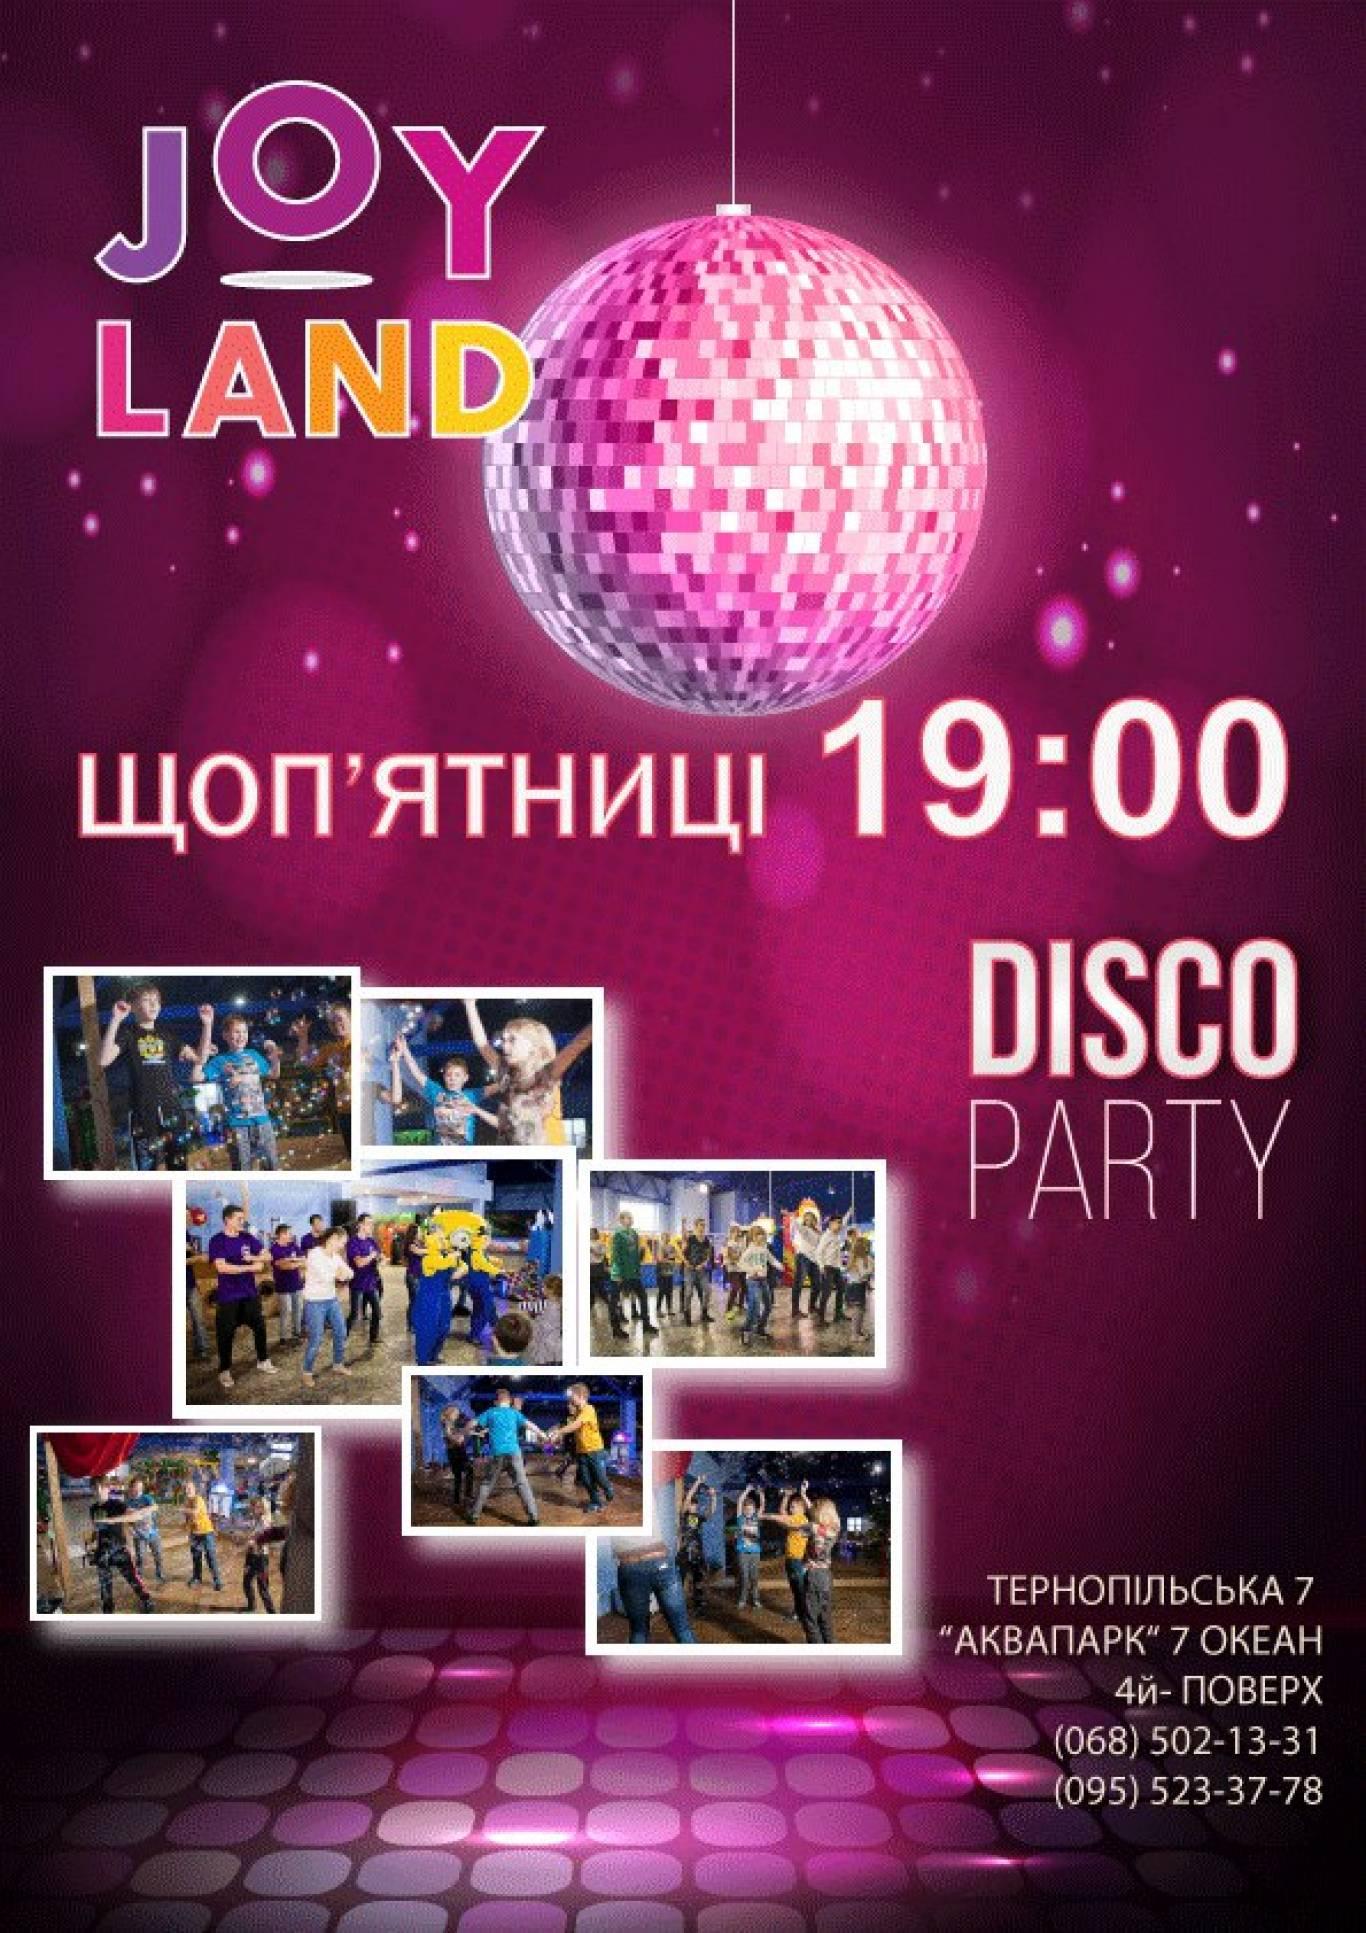 Disco party у Joy Land